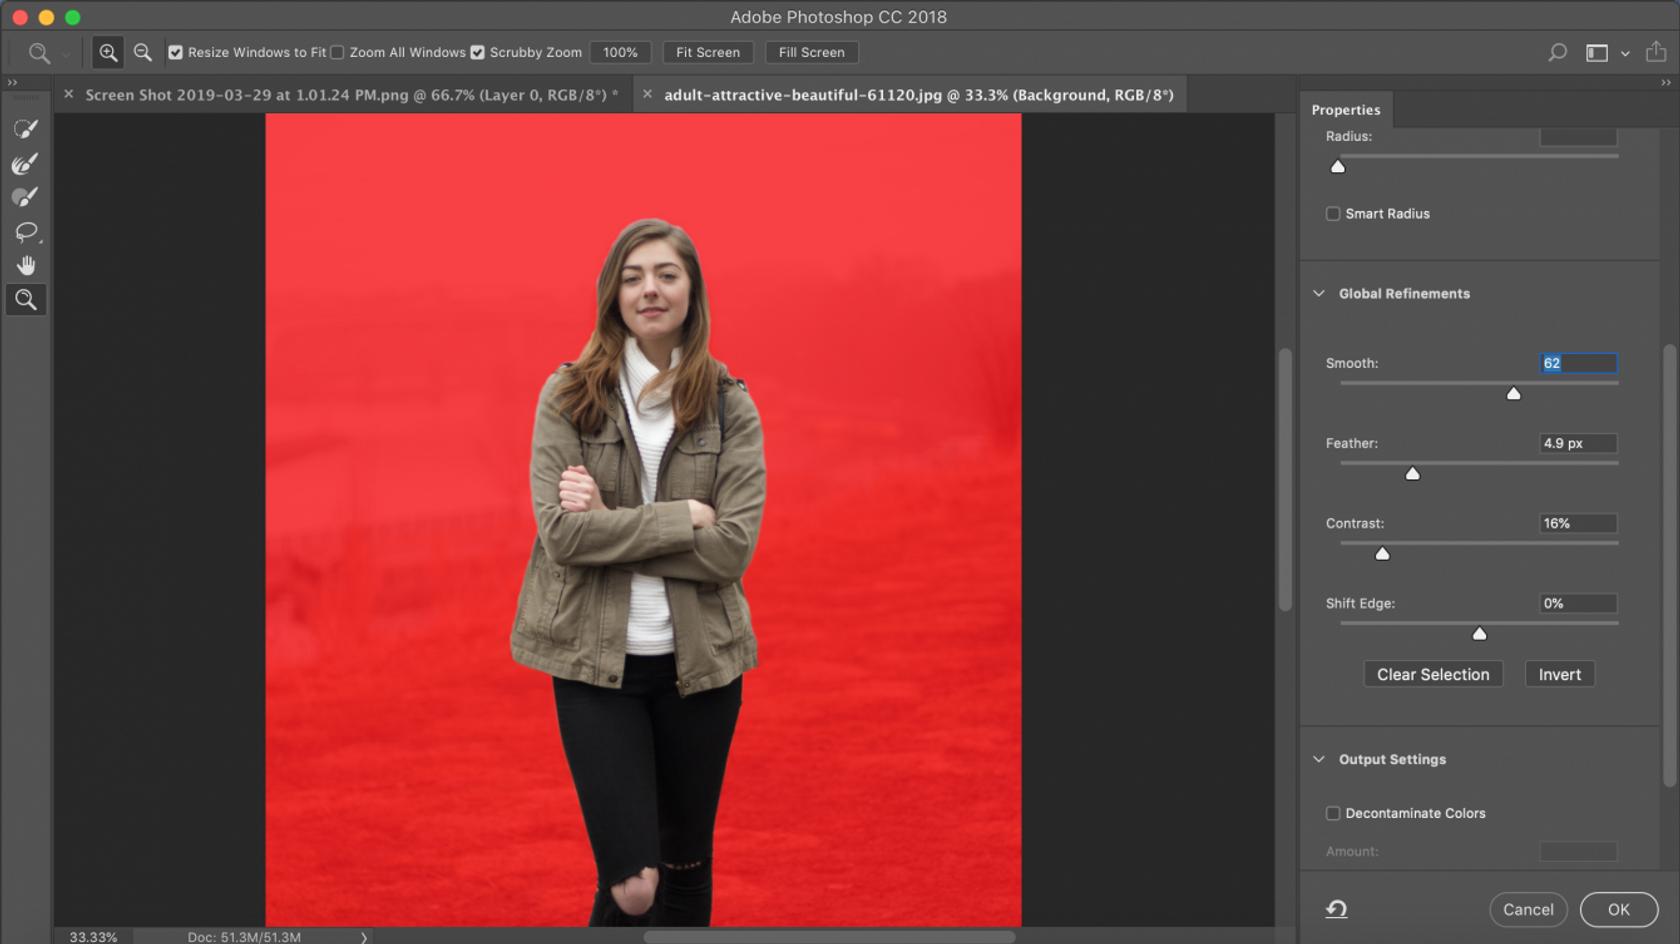 como redondear bordes en photoshop, como suavizar bordes pixelados en photoshop, como suavizar bordes de una foto en photoshop, como suavizar bordes en photoshop cs6, como suavizar bordes con photoshop, como suavizar contornos en photoshop